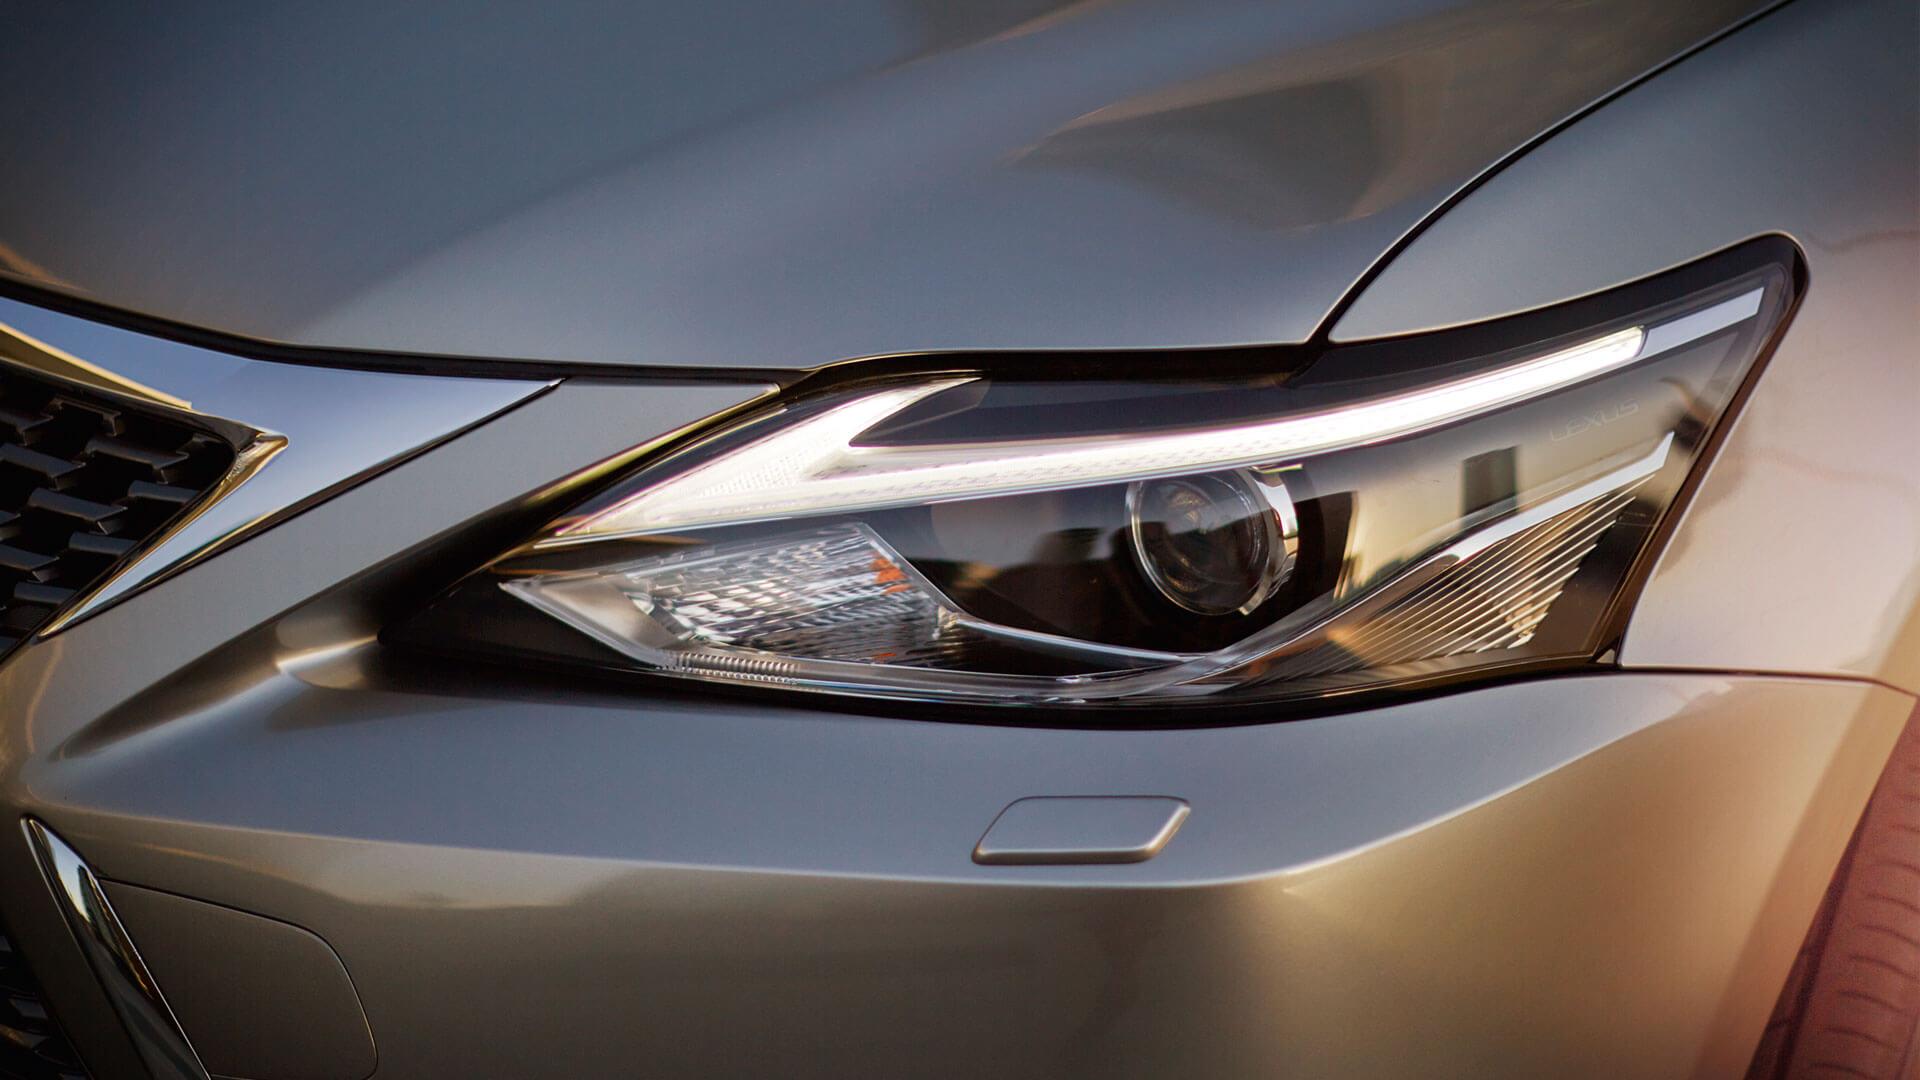 Koplamp van een grijze Lexus CT 200h